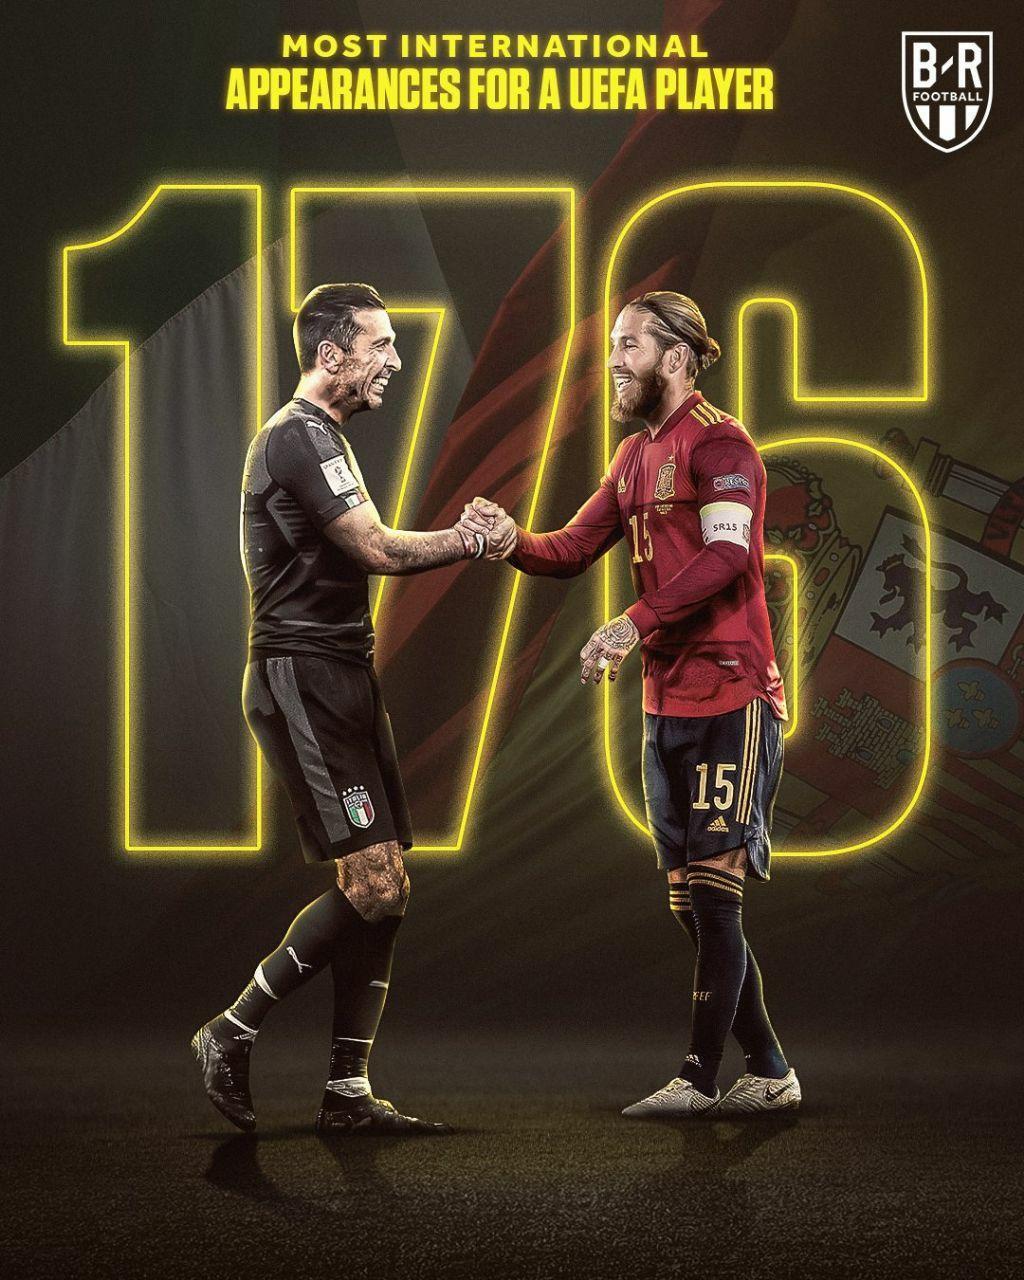 ثبت رکوردی دیگر توسط راموس، این بار با پیراهن تیم ملی اسپانیا